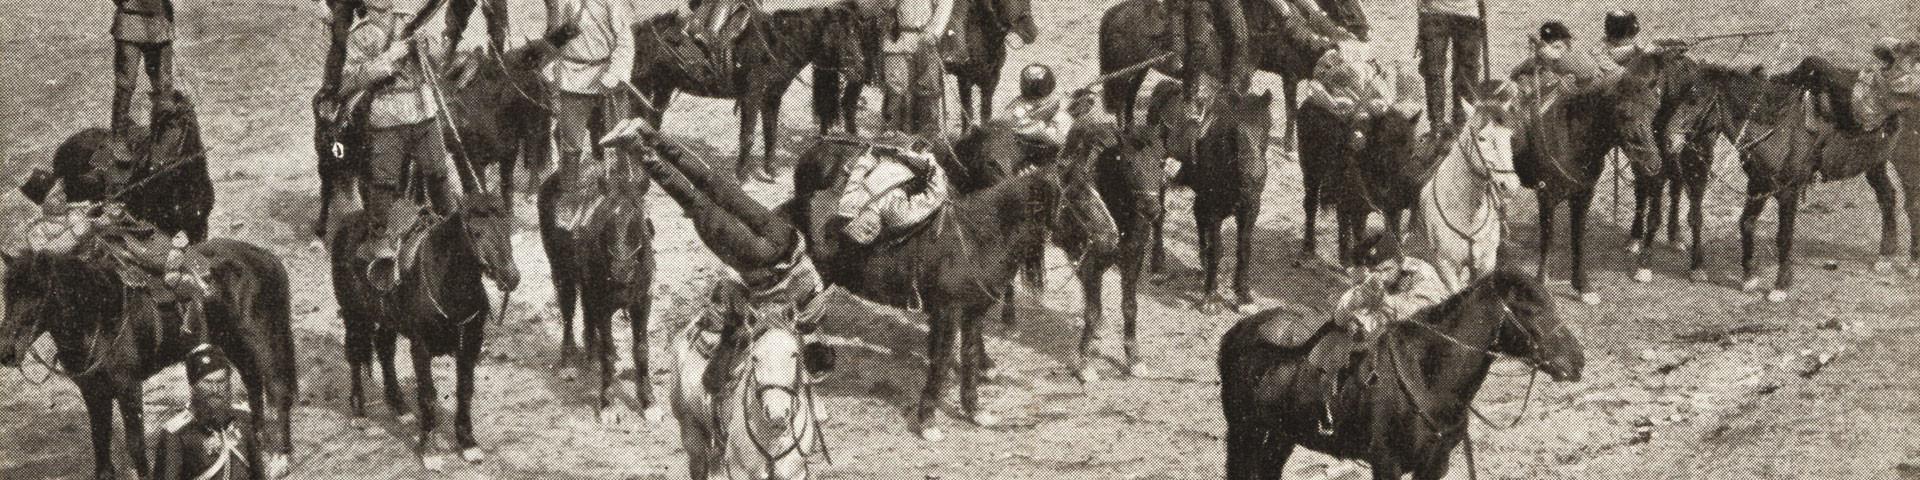 Оренбургское казачье войско